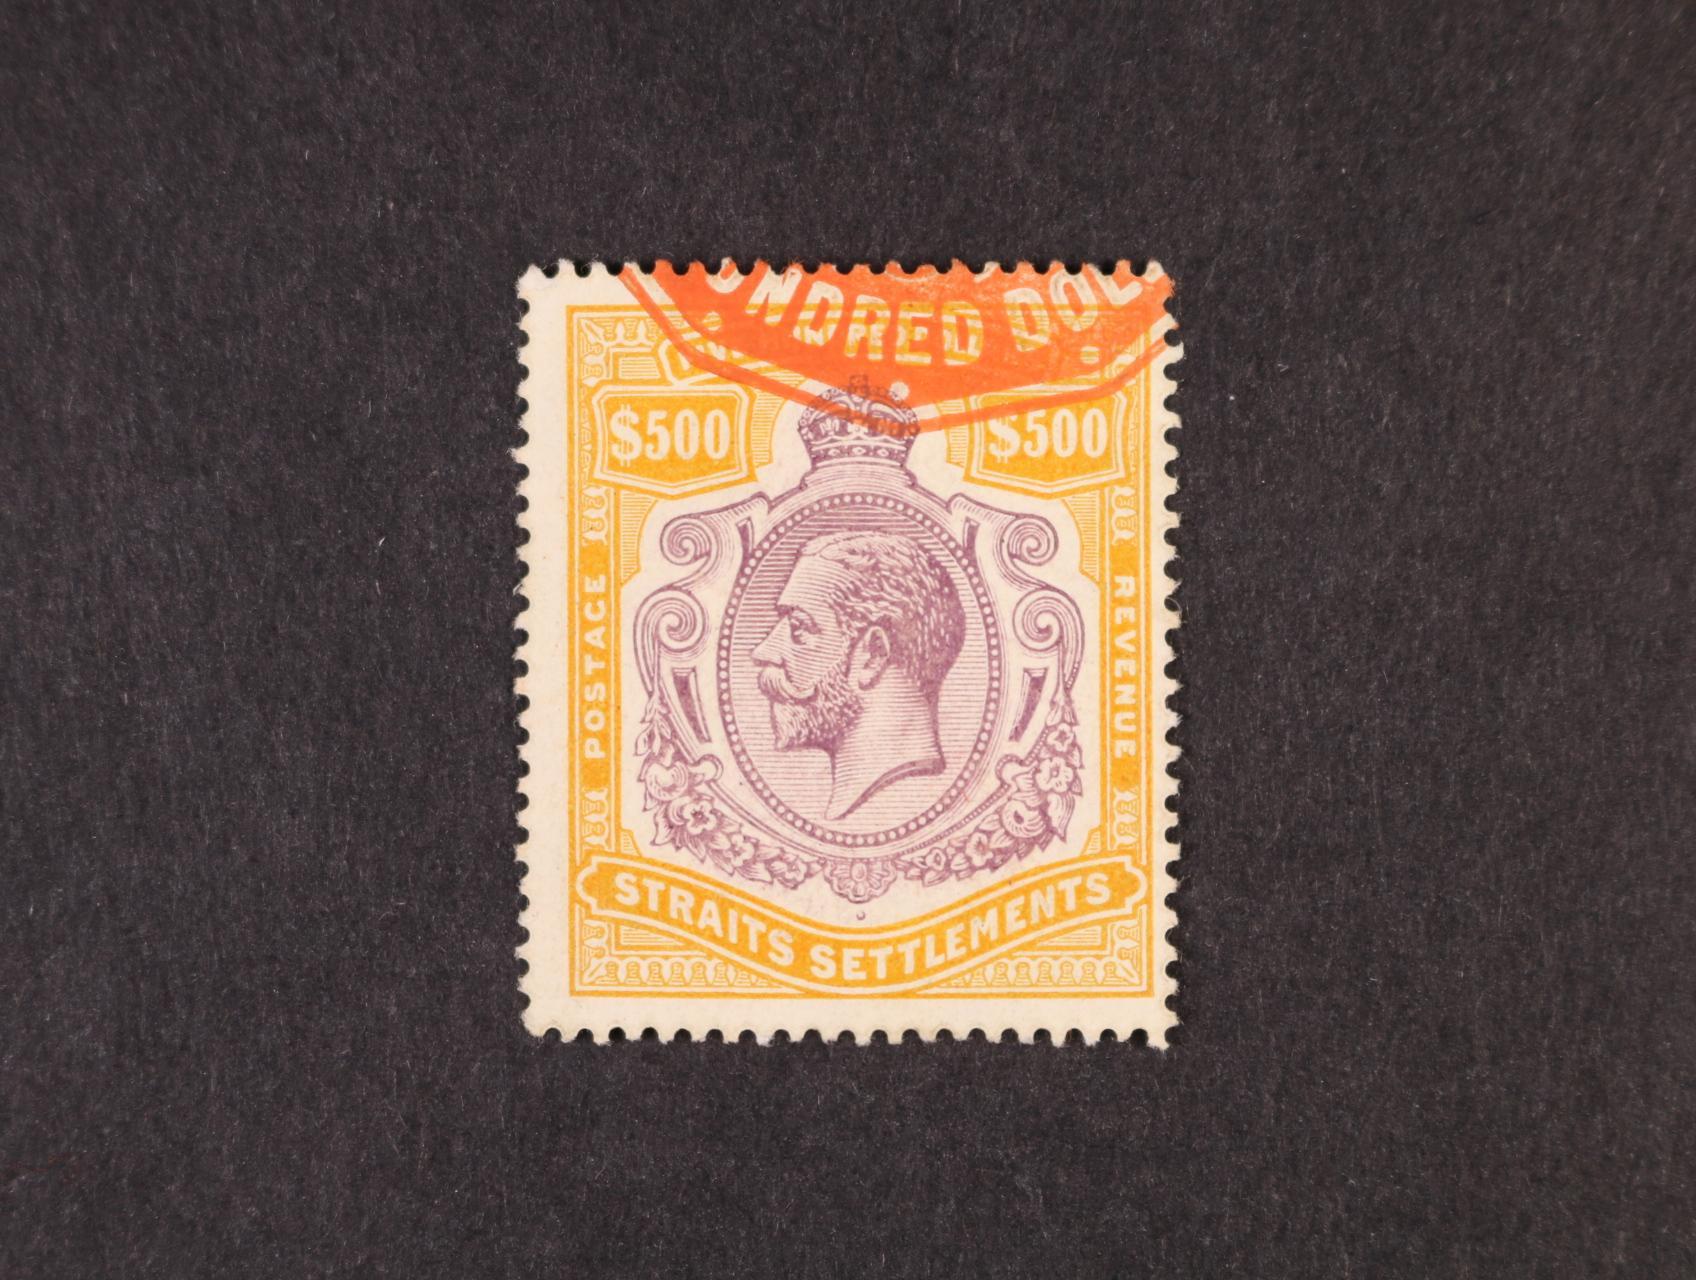 Straits Settlements – 1912 SG.215, Jiří V. 500$ purpurová a oranžově hnědá, na výstřižku s fiskálním razítkem, luxusní, velmi vzácná známka, nejvyšší koloniální nominál!